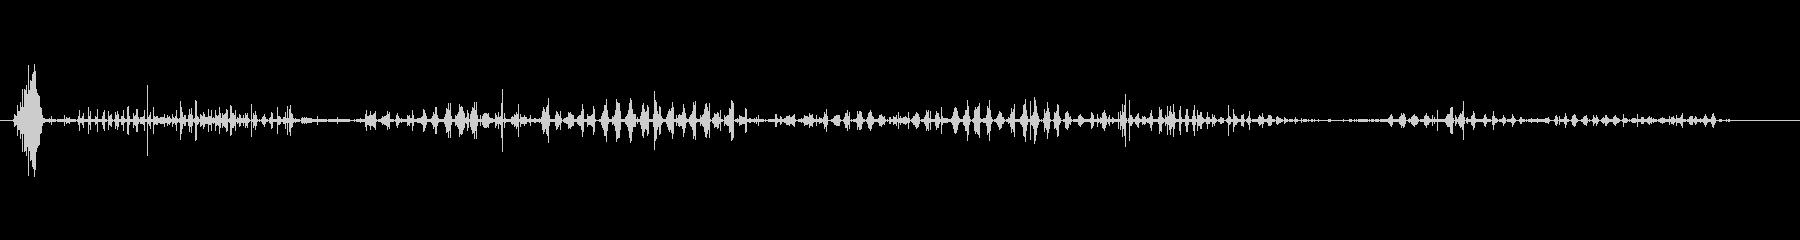 シェービング-手作業-エアゾールス...の未再生の波形